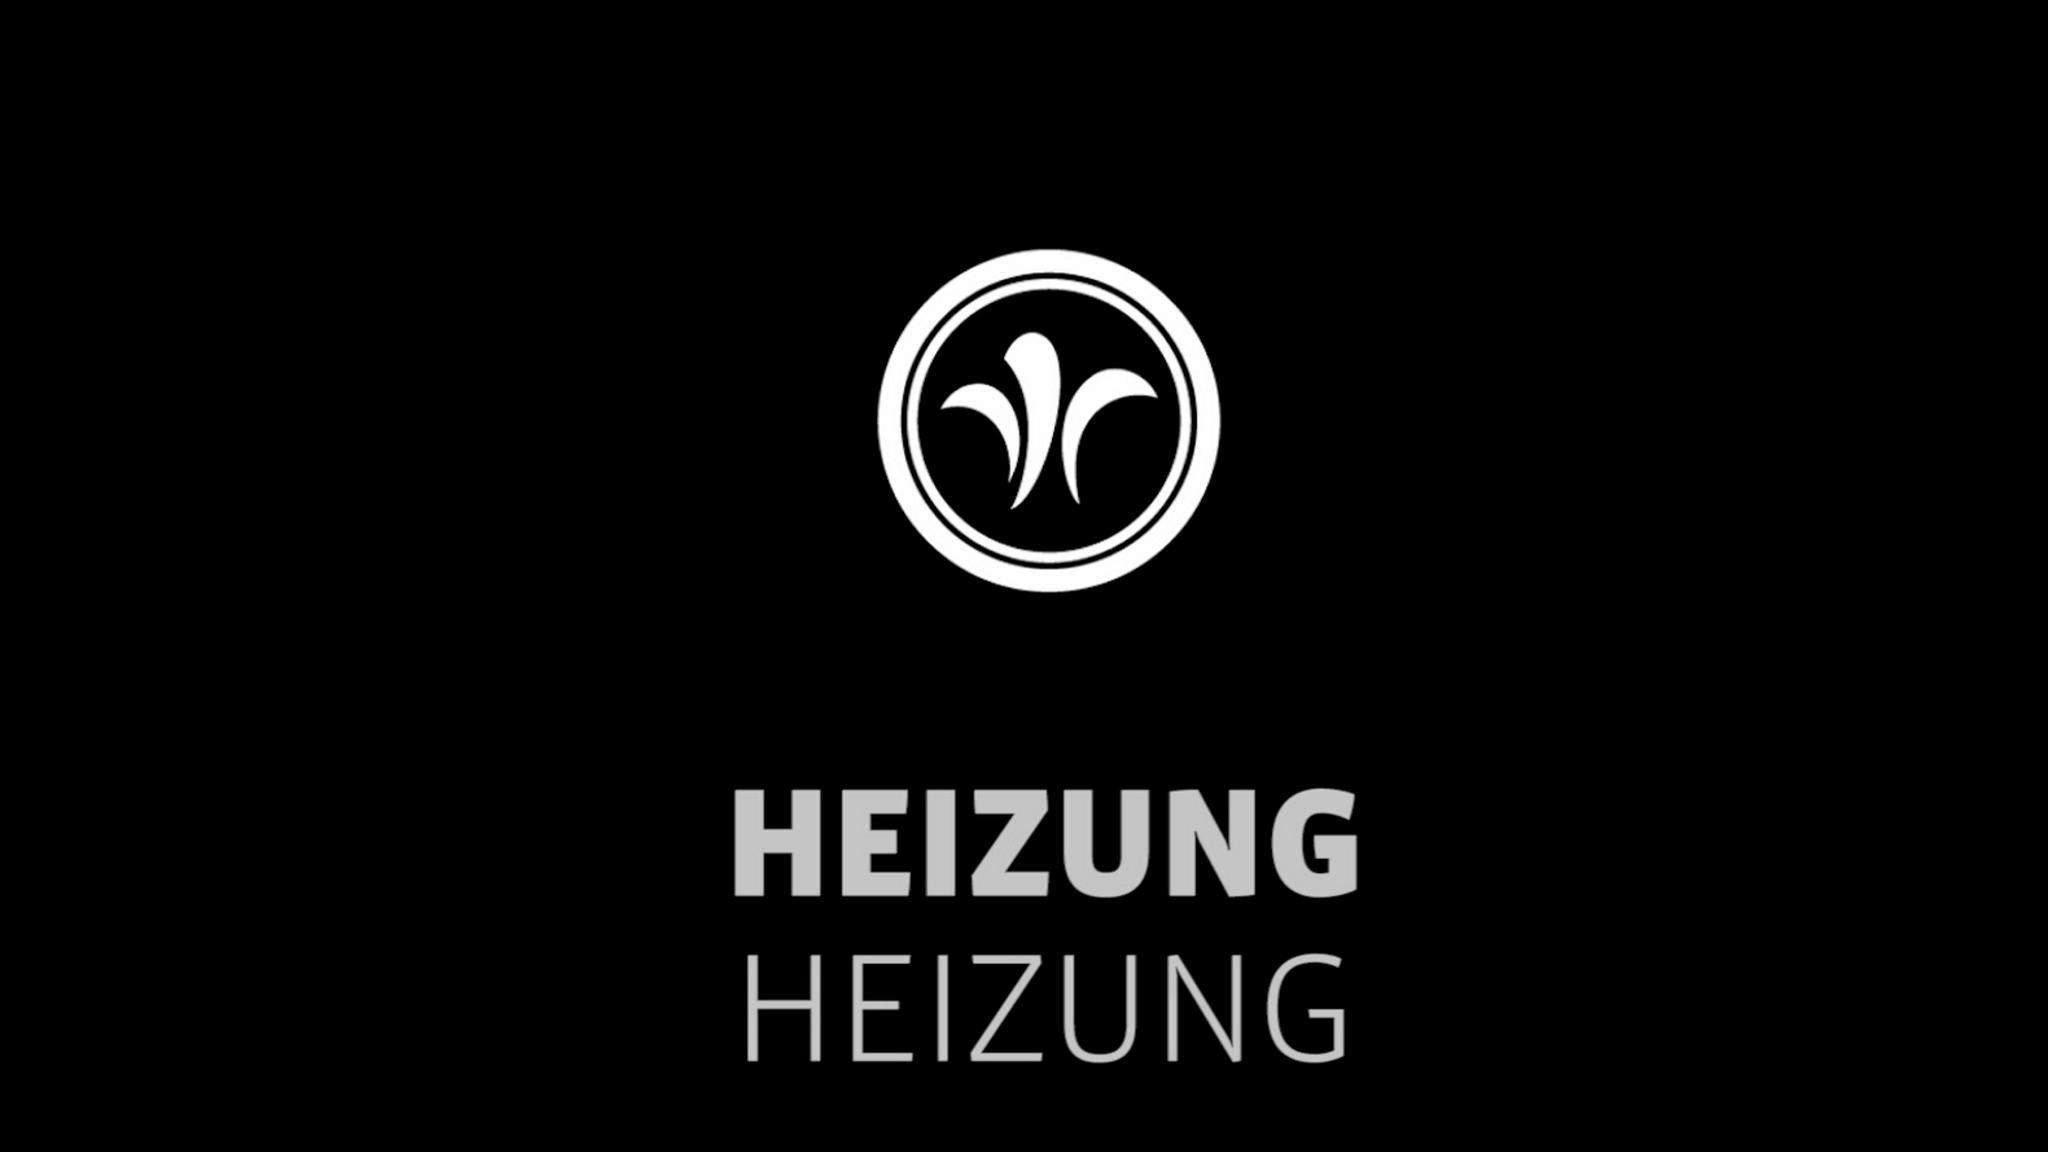 Wohnmobil Heizung // Niesmann+Bischoff – Luxus Wohnmobil (Modell FLAIR) // 2019 // H2